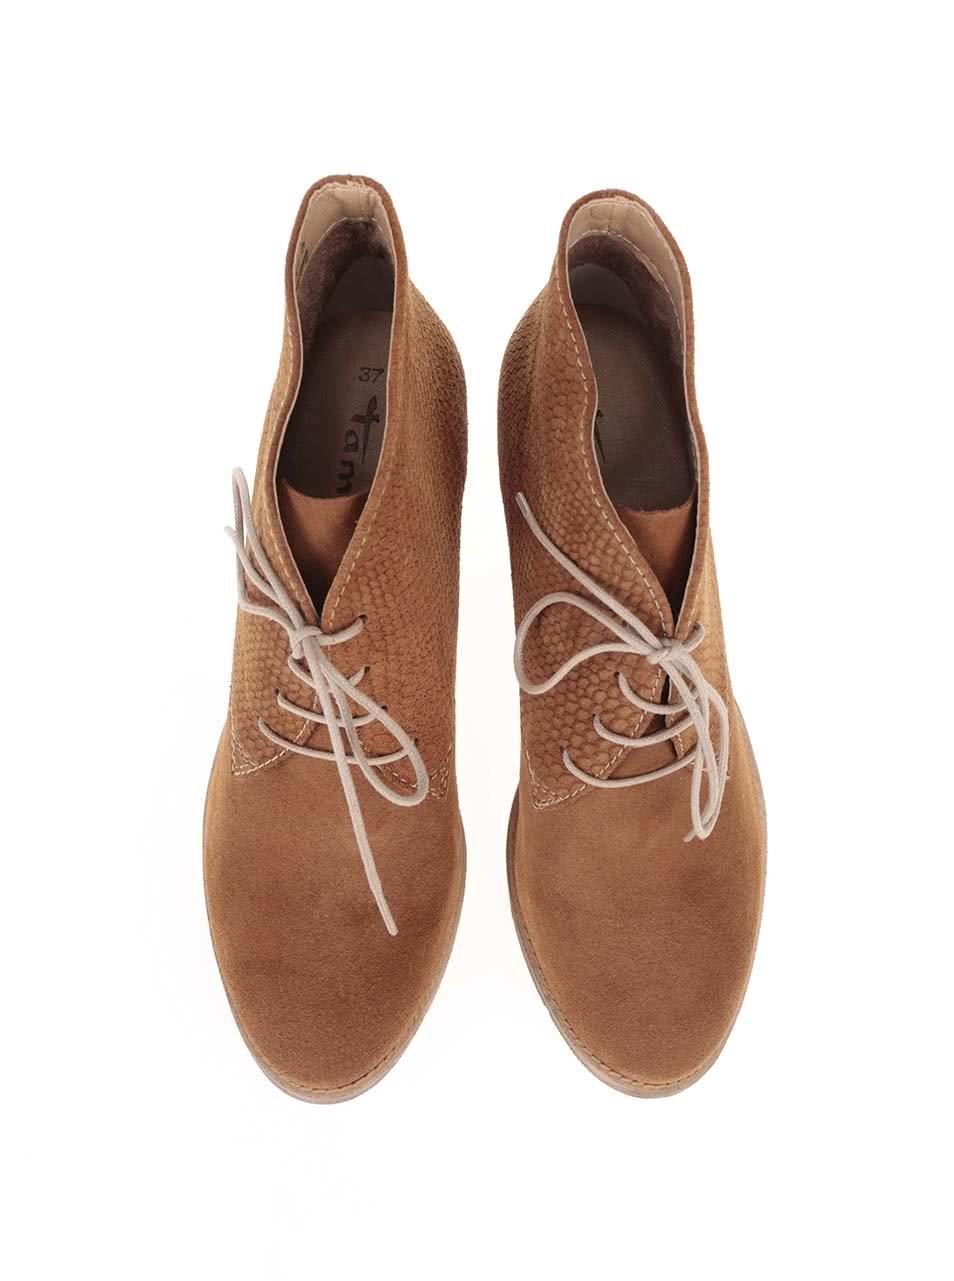 5f3eb51e3fdc2 Hnedé kožené členkové šnurovacie topánky Tamaris | ZOOT.sk